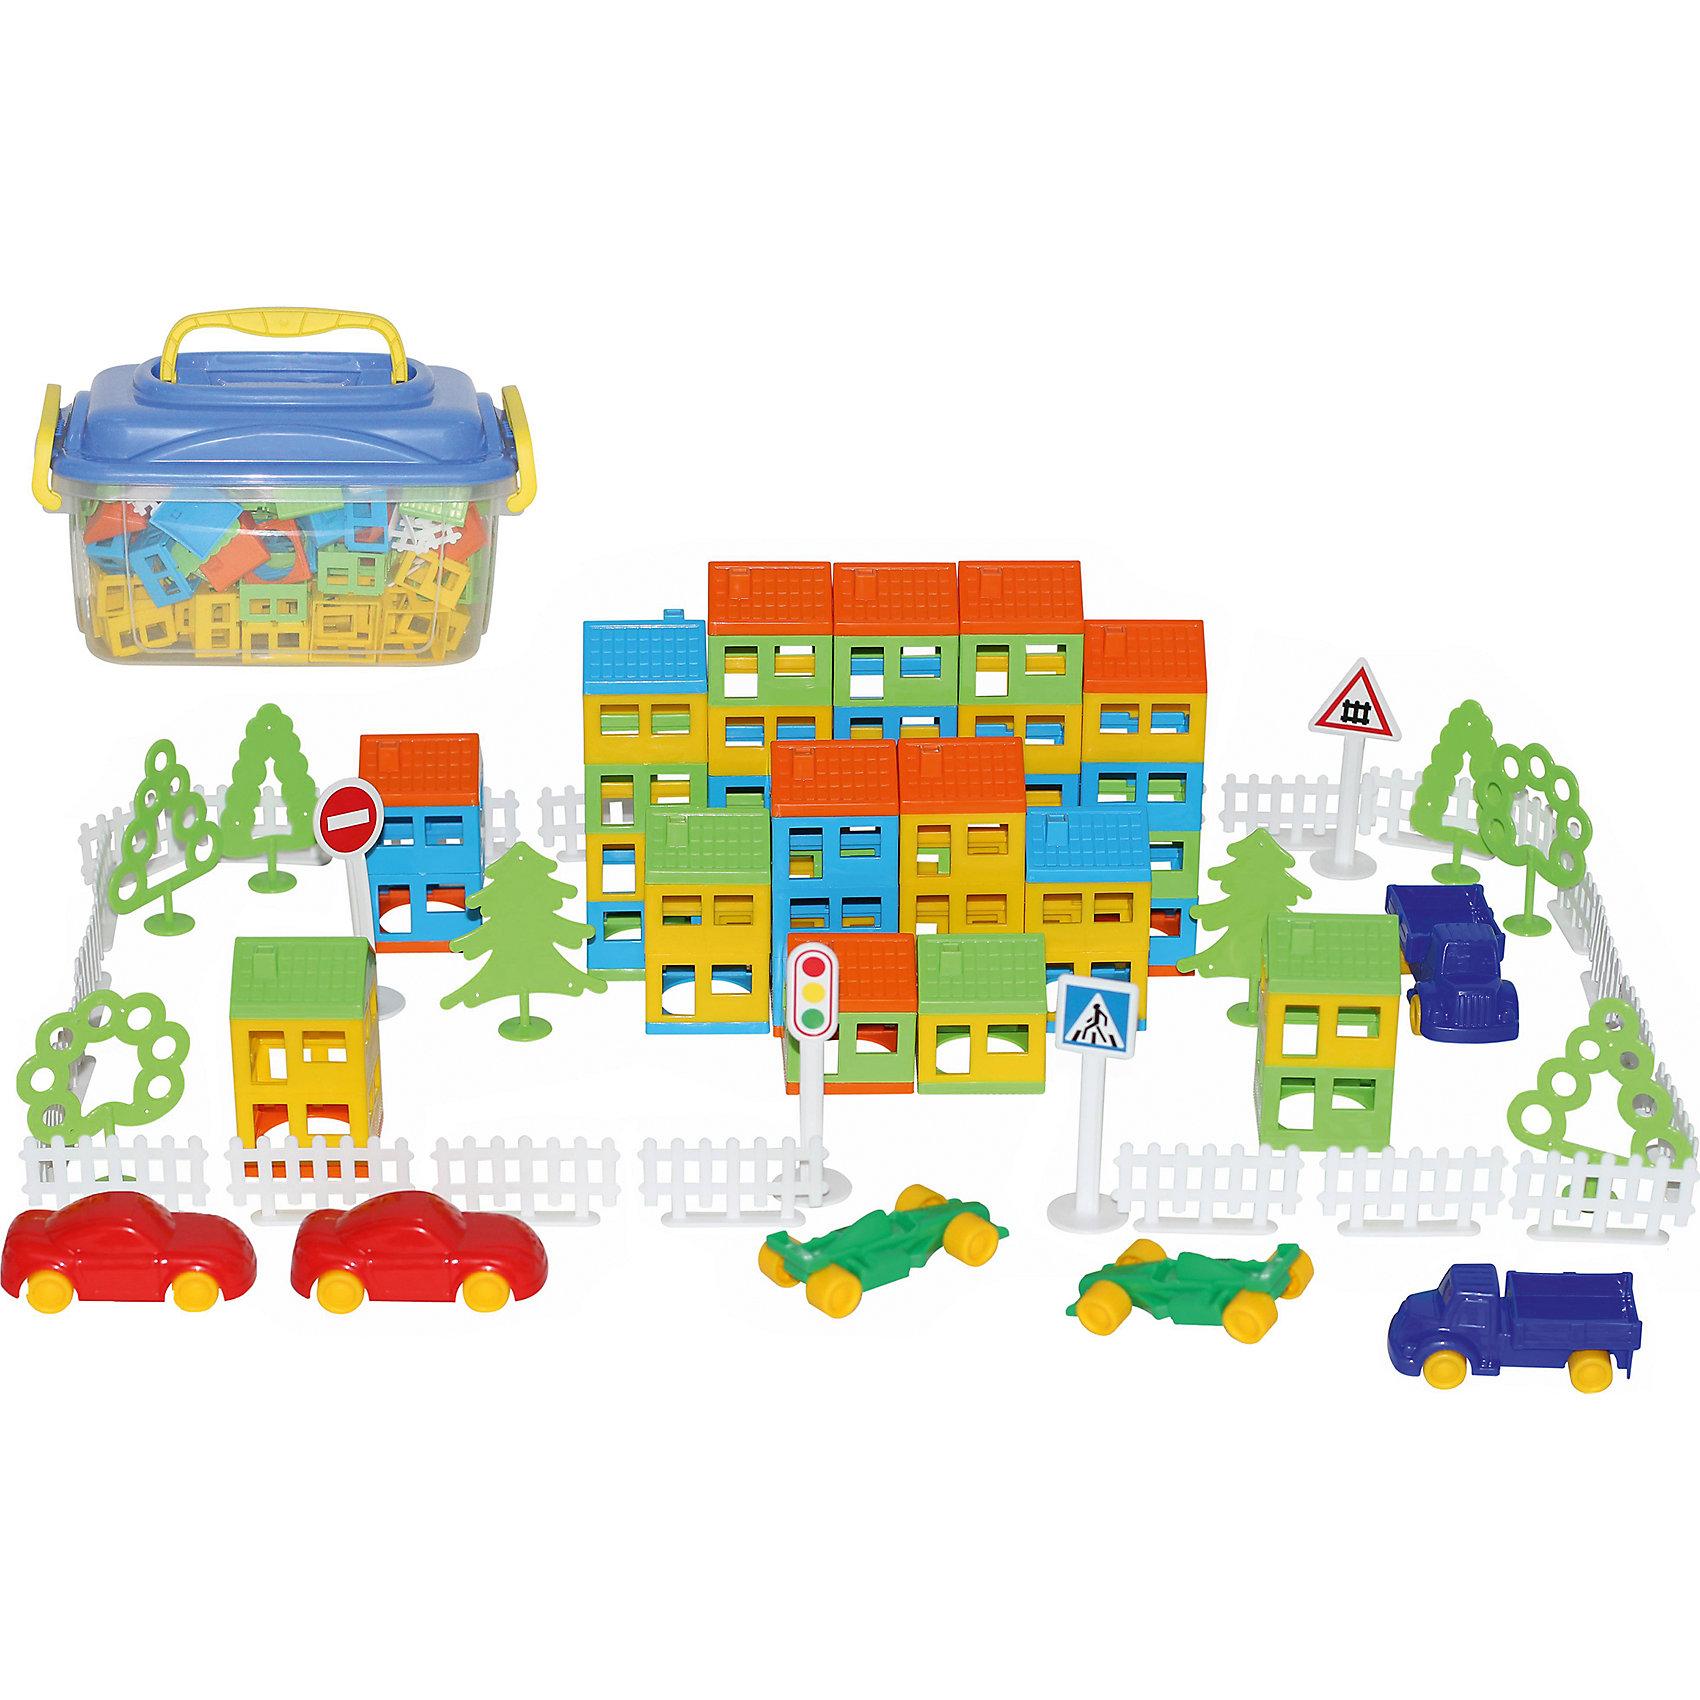 Конструктор Построй свой город, 180 элементов, ПолесьеПластмассовые конструкторы<br>Характеристики товара:<br><br>• возраст: от 3 лет<br>• количество деталей: 180 шт.<br>• материал: пластик<br>• размер упаковки: 37х25х21 см.<br>• упаковка: контейнер<br>• страна бренда: Беларусь<br><br>Конструктор Построй свой город позволяет построить целый город с домами разной этажности, дорожными знаками и деревьями.<br><br>Конструктор Построй свой город, 180 элементов, Полесье можно уупить в нашем интернет-магазине.<br><br>Ширина мм: 370<br>Глубина мм: 255<br>Высота мм: 207<br>Вес г: 1595<br>Возраст от месяцев: 36<br>Возраст до месяцев: 2147483647<br>Пол: Унисекс<br>Возраст: Детский<br>SKU: 6760725